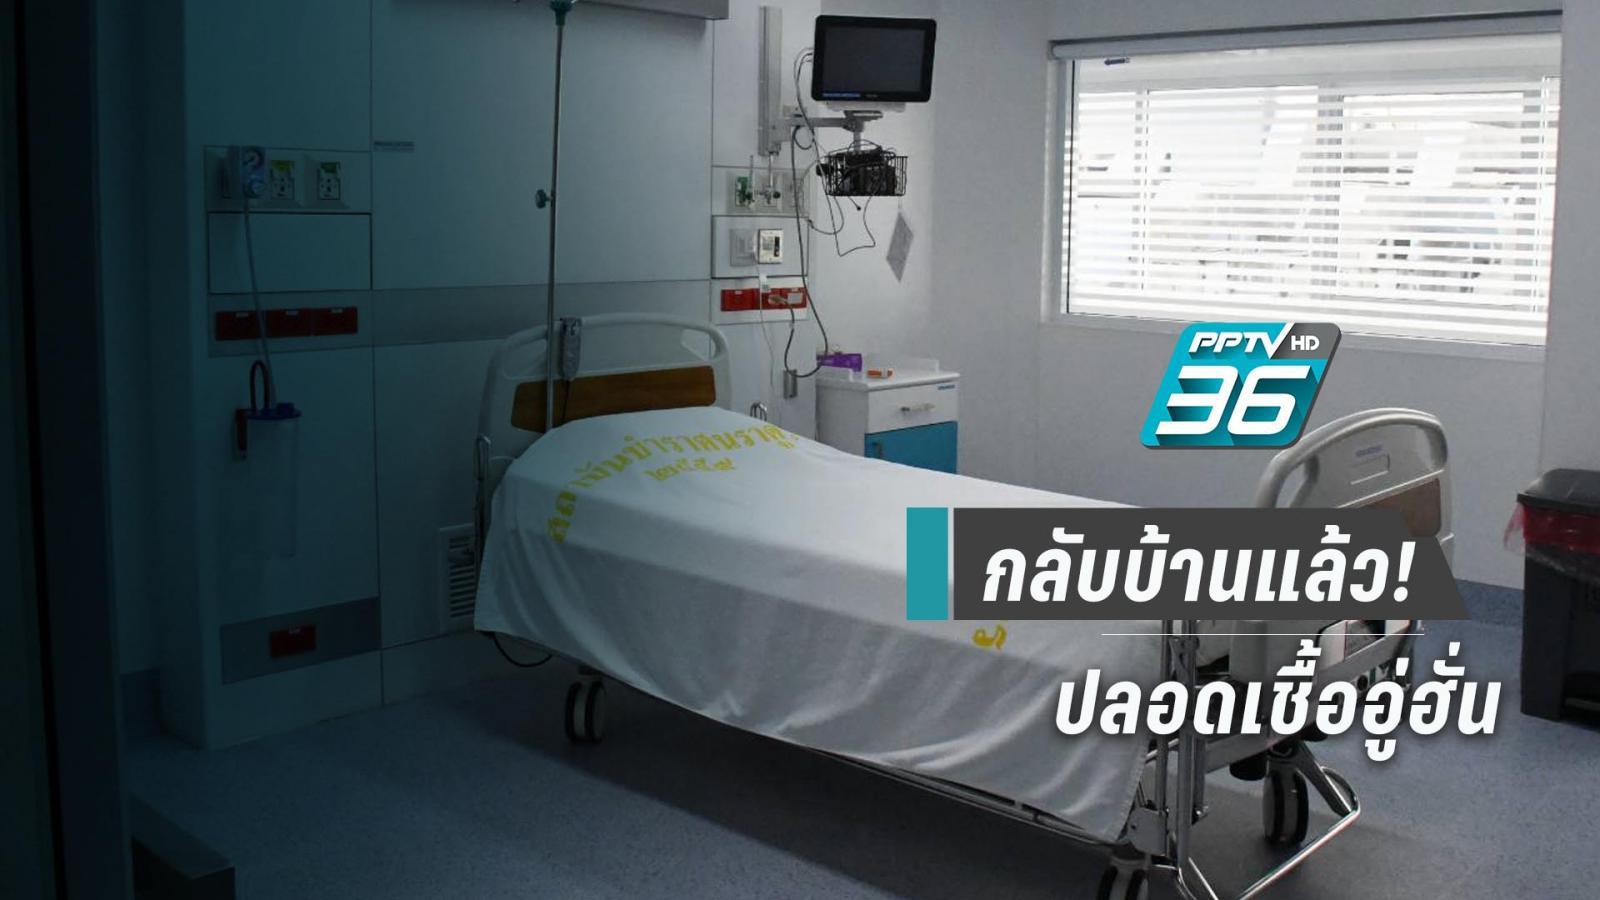 โล่งอก! ผลตรวจผู้ป่วยมาไทย 4 รายไม่พบเชื้อไวรัสอู่ฮั่น